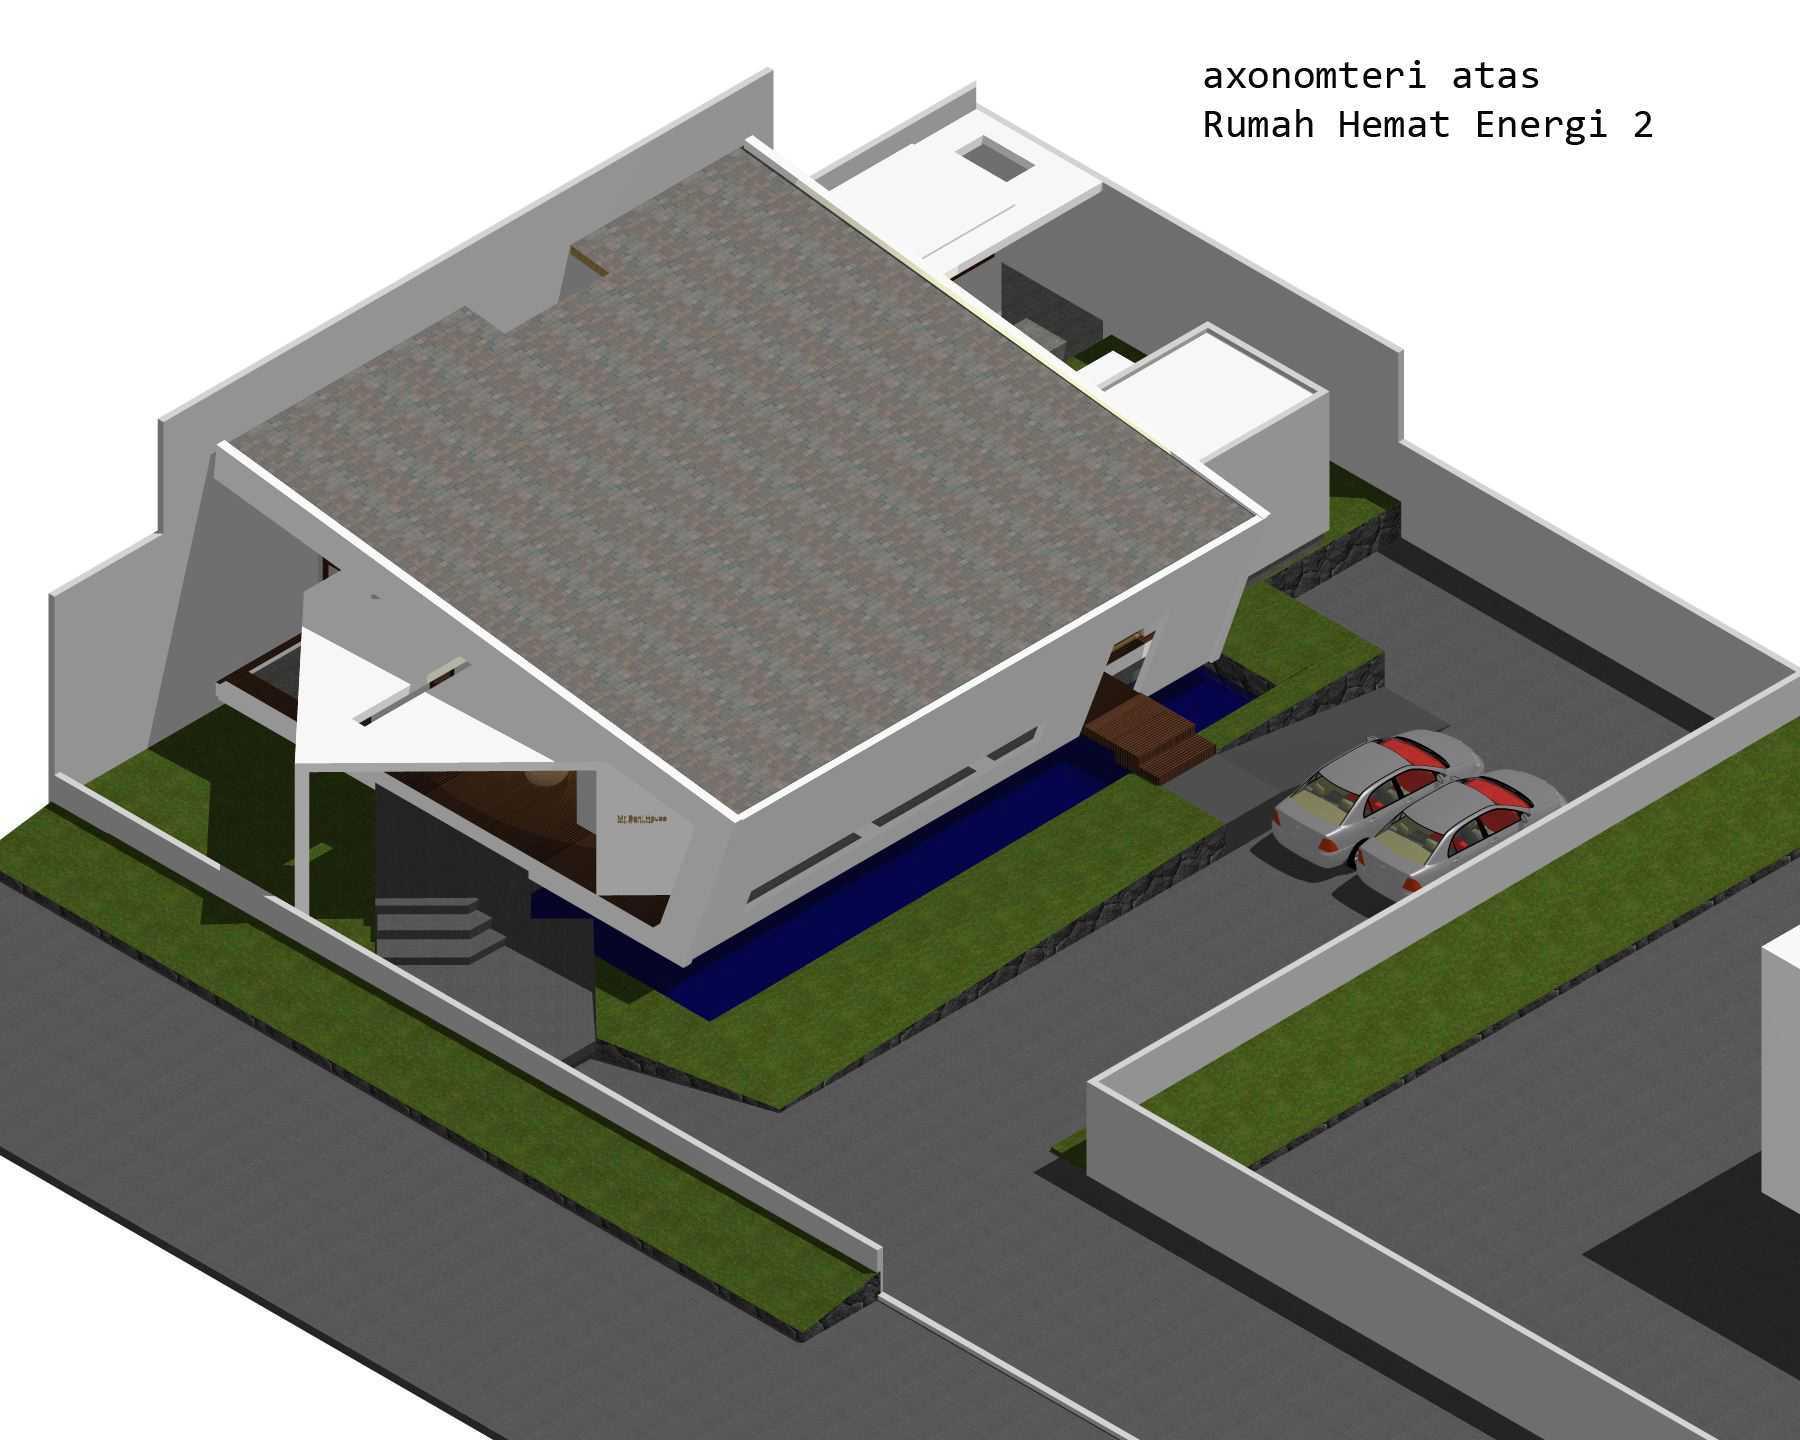 Roni Desain Rumah Hemat Energi  Sulawesi Selatan, Indonesia Sulawesi Selatan, Indonesia Roni-Desain-Rumah-Hemat-Energi-  59904